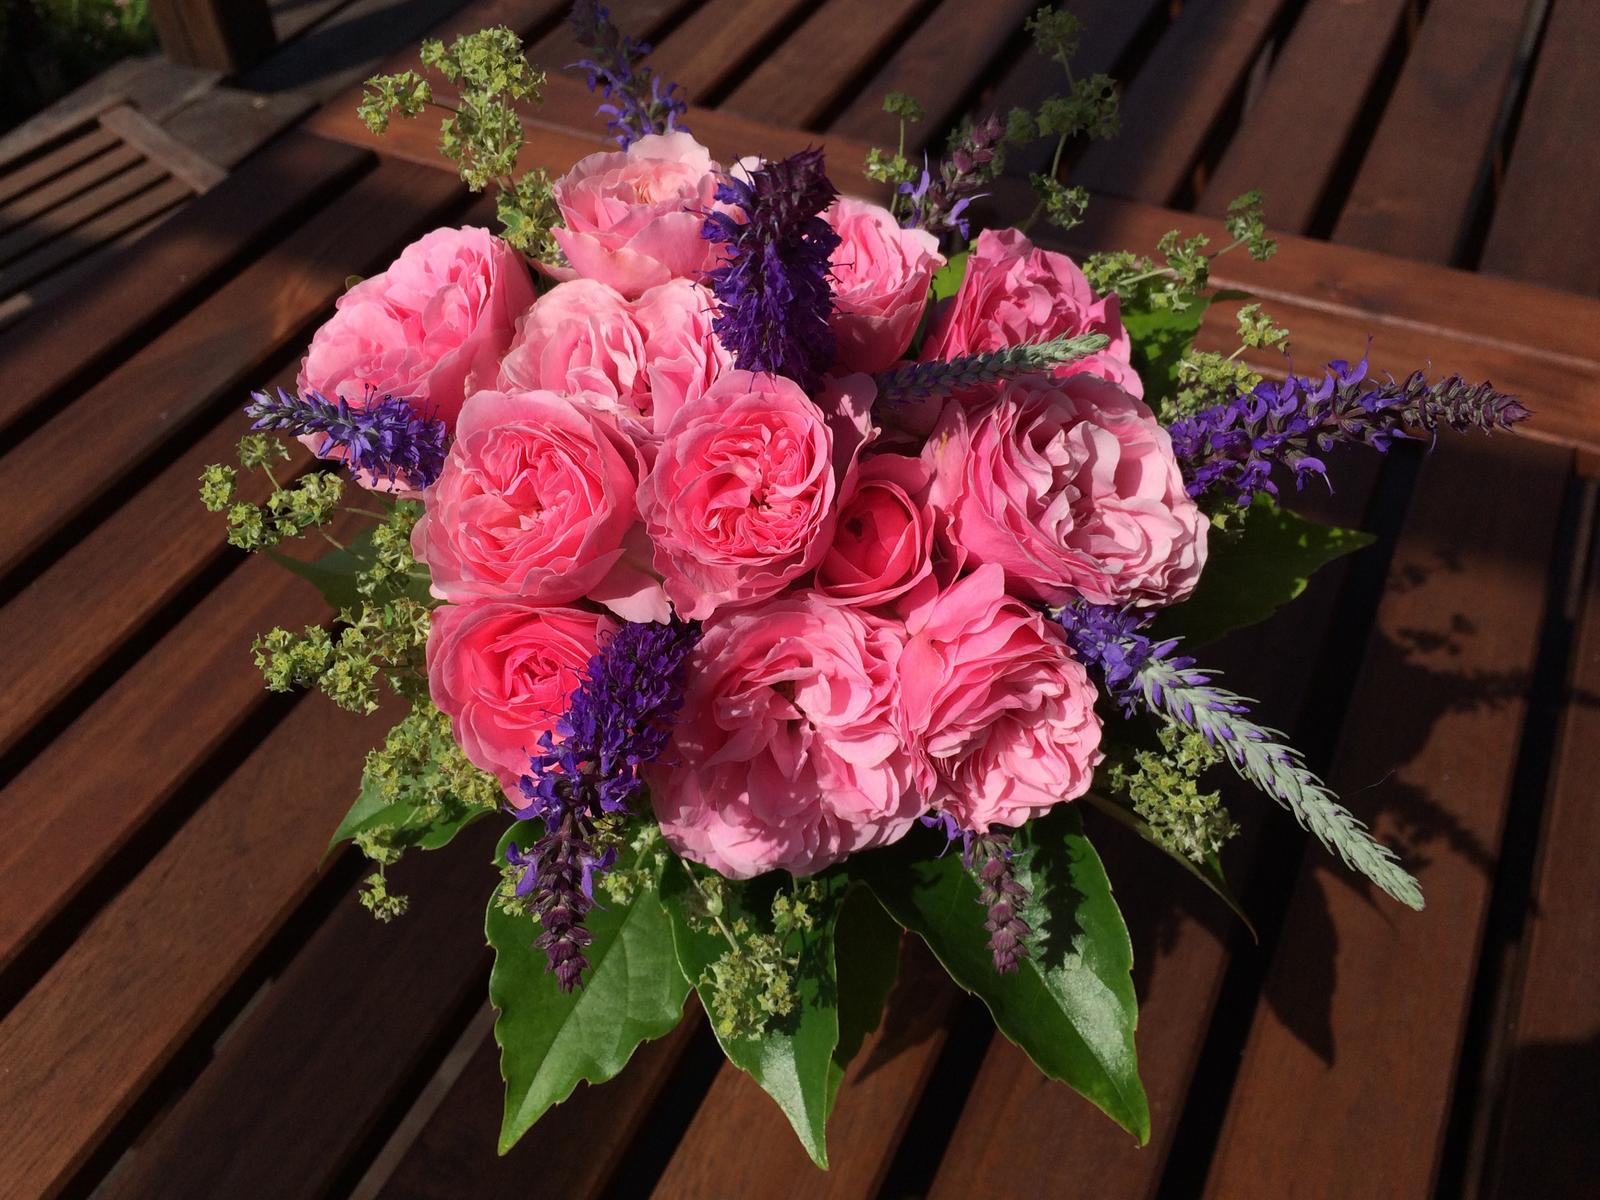 Dekorace z květin Pro radost - a ještě jedna růžová tentokrát s šalvějí a kontryhelem, listy přísavníku